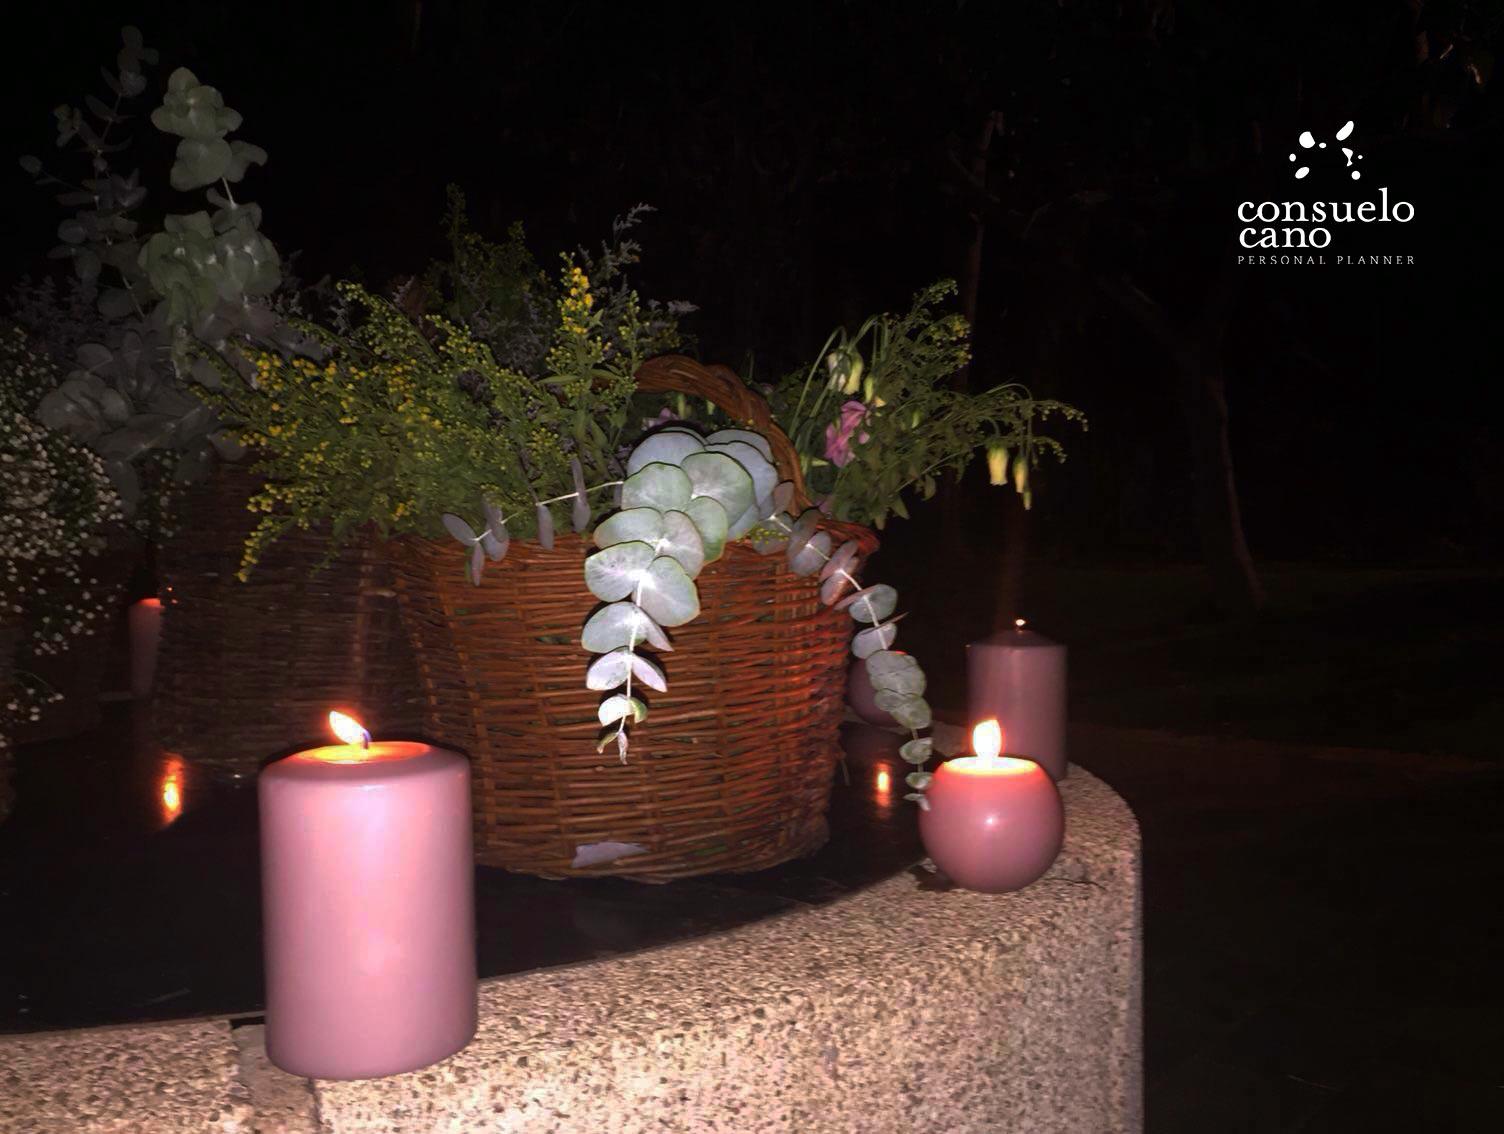 Decoración floral - Consuelo Cano